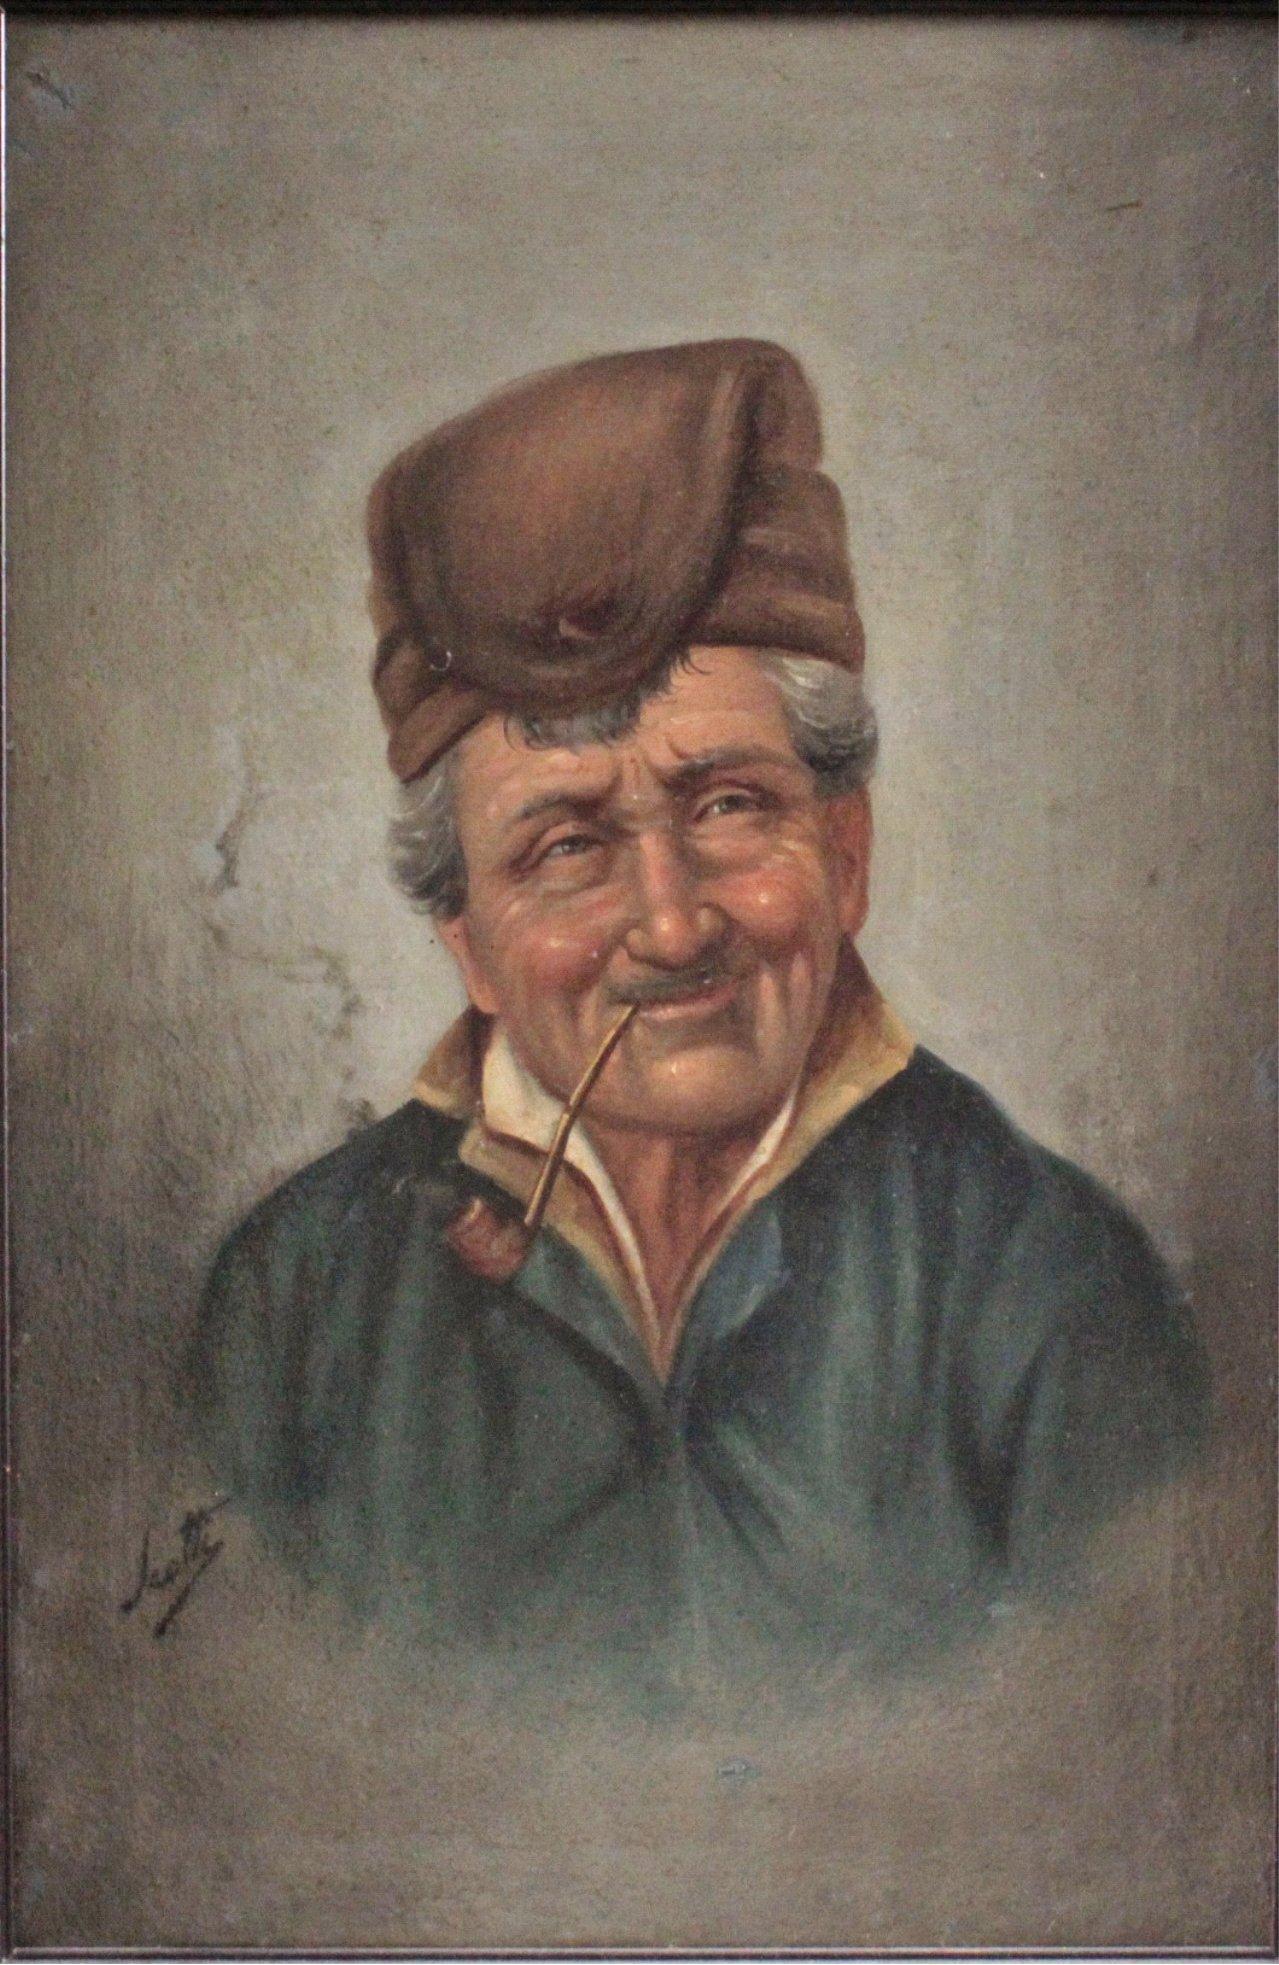 Scotty ?-?, Pfeife rauchender Mann mit Hut